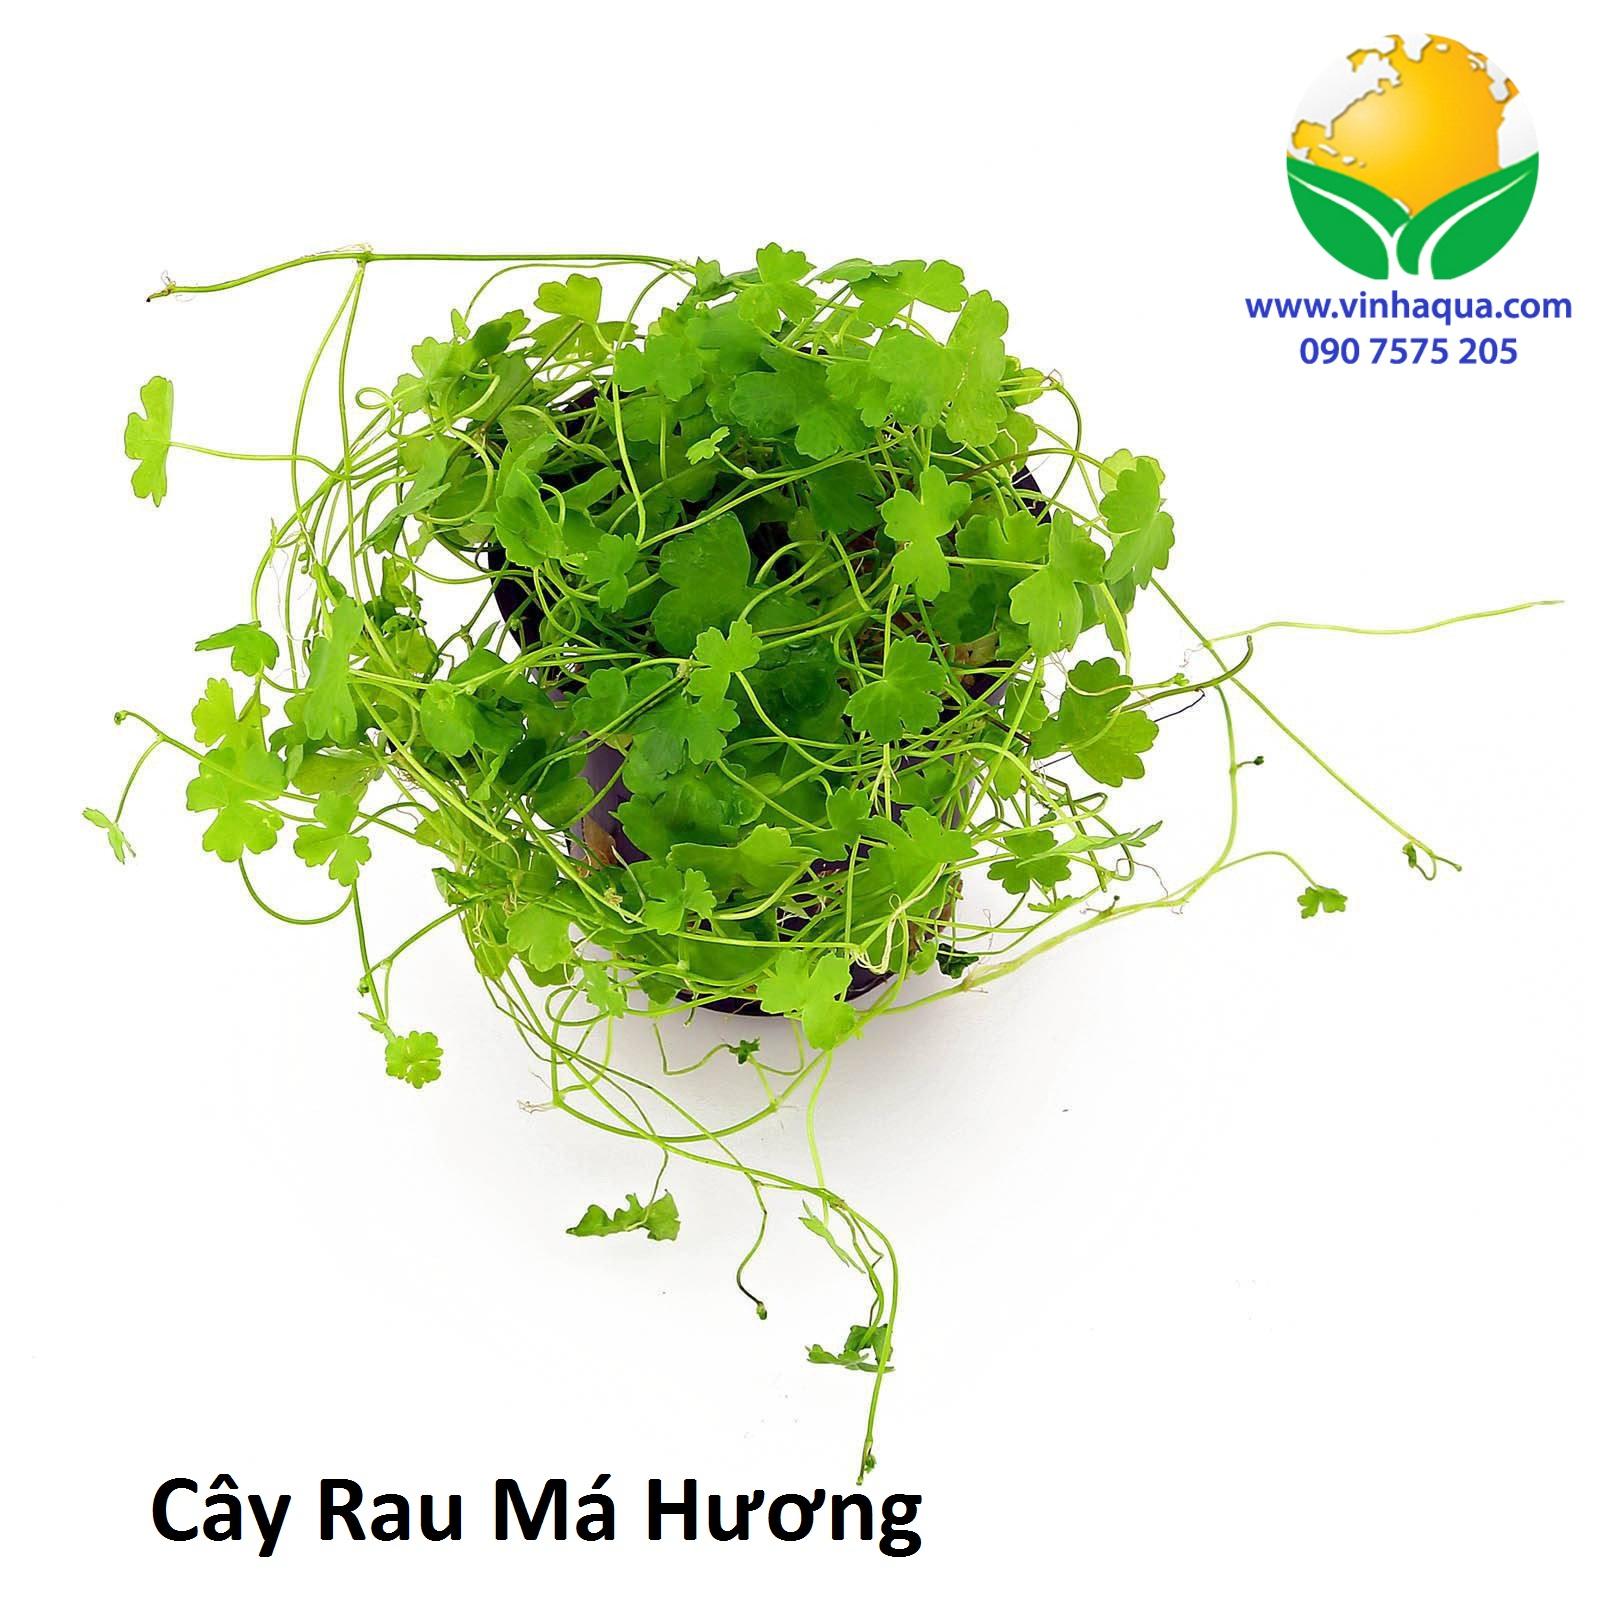 Cây Rau Má Hương được trồng ở vị trí tiền cảnh, trung cảnh trong hồ thủy sinh